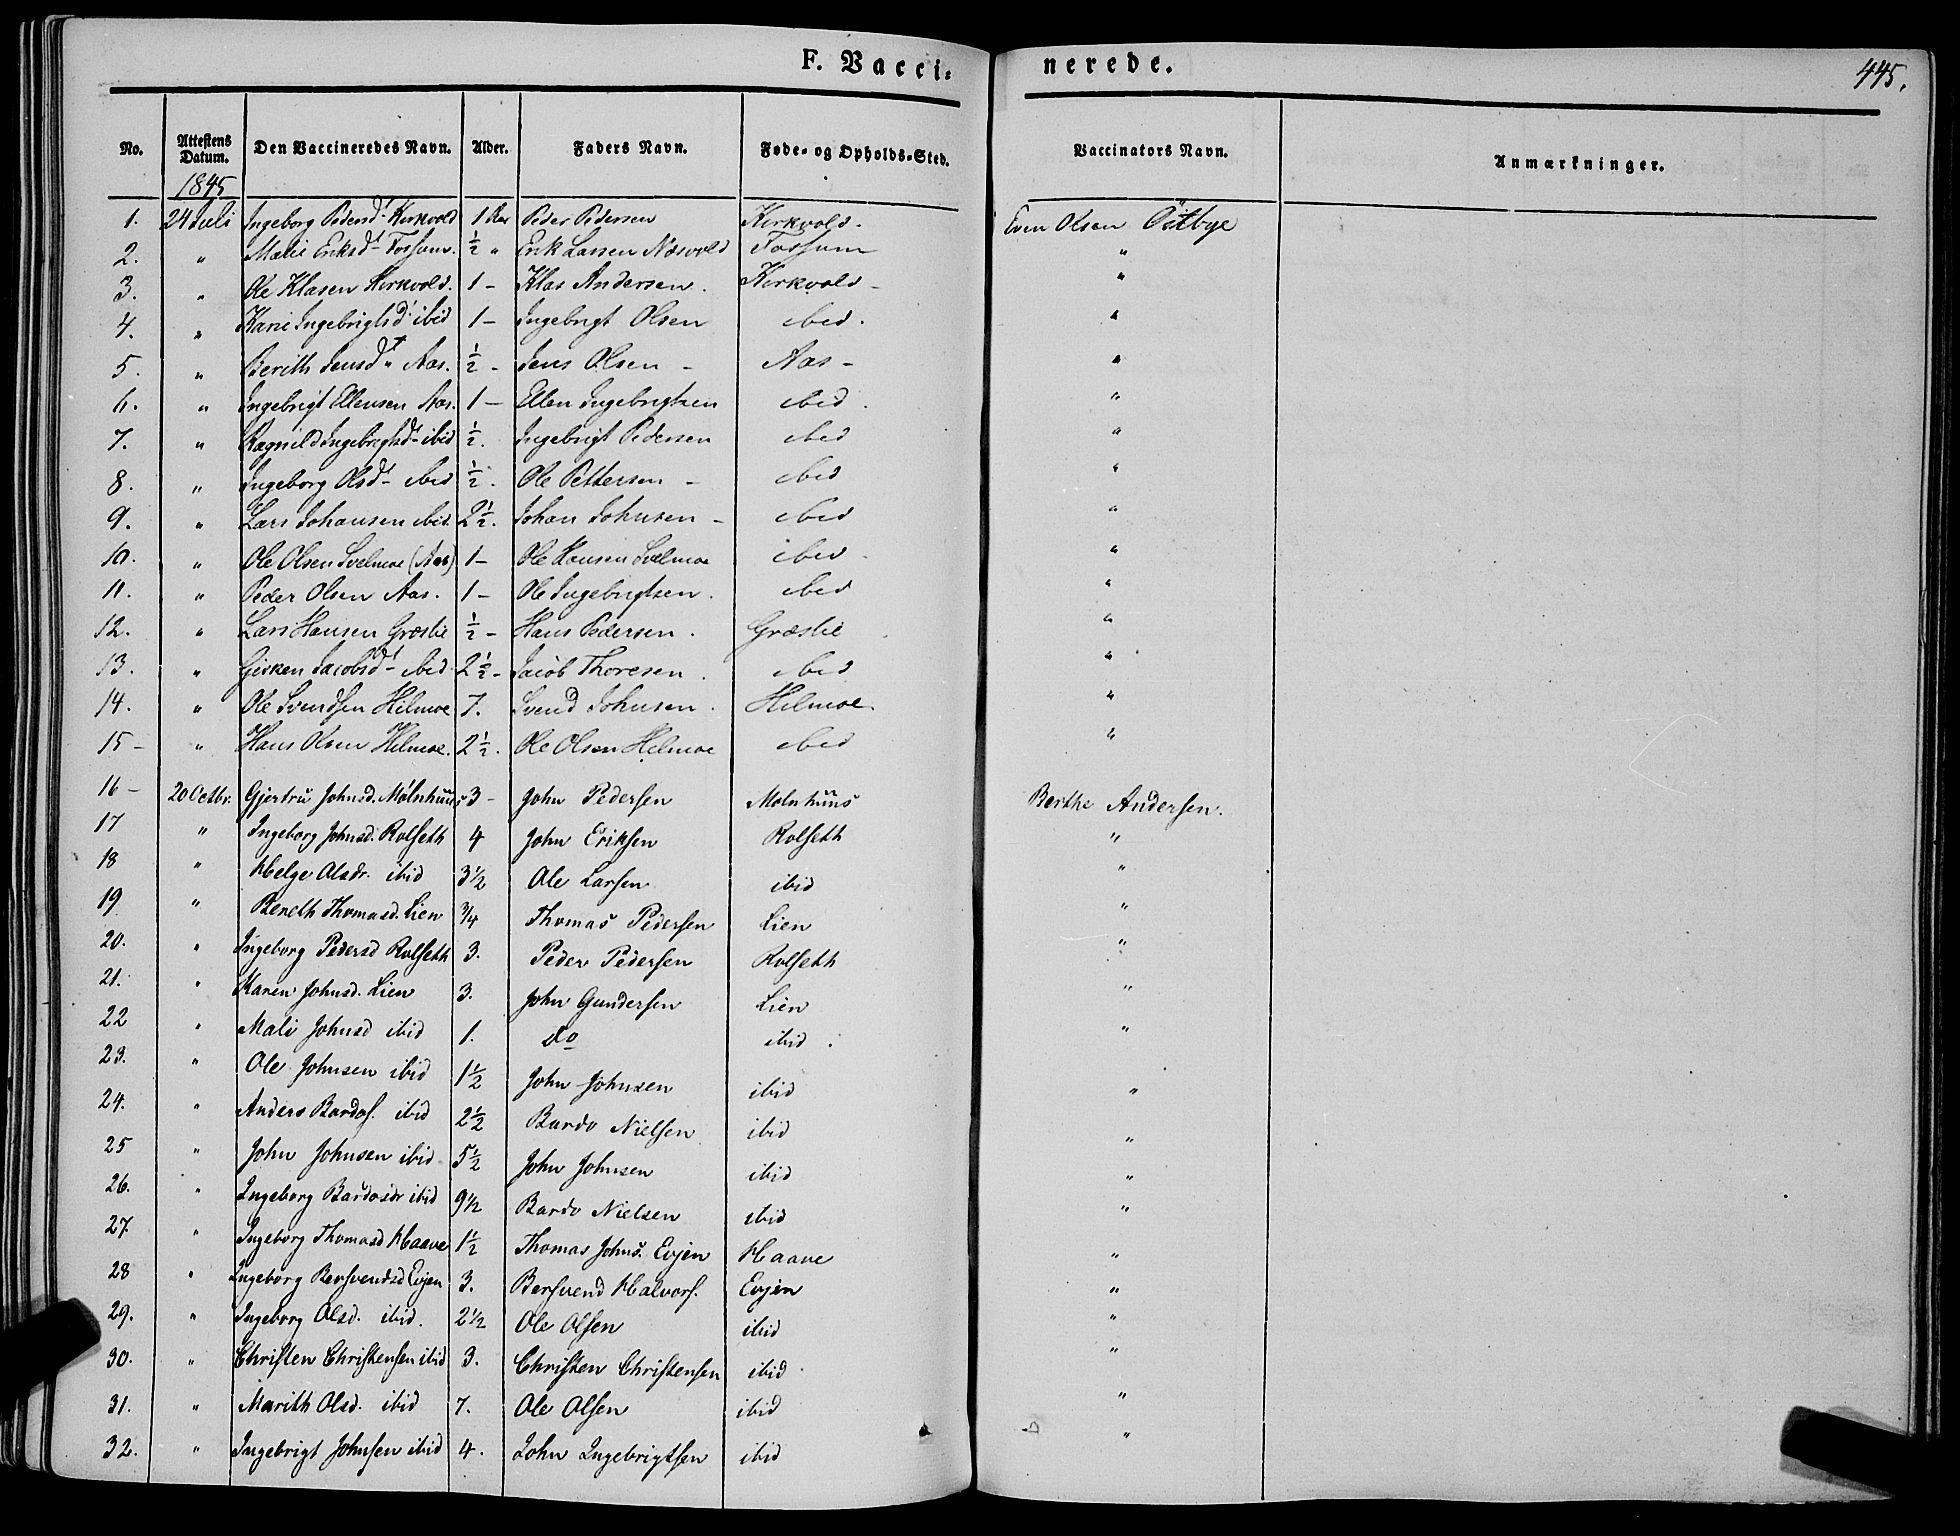 SAT, Ministerialprotokoller, klokkerbøker og fødselsregistre - Sør-Trøndelag, 695/L1145: Ministerialbok nr. 695A06 /1, 1843-1859, s. 445